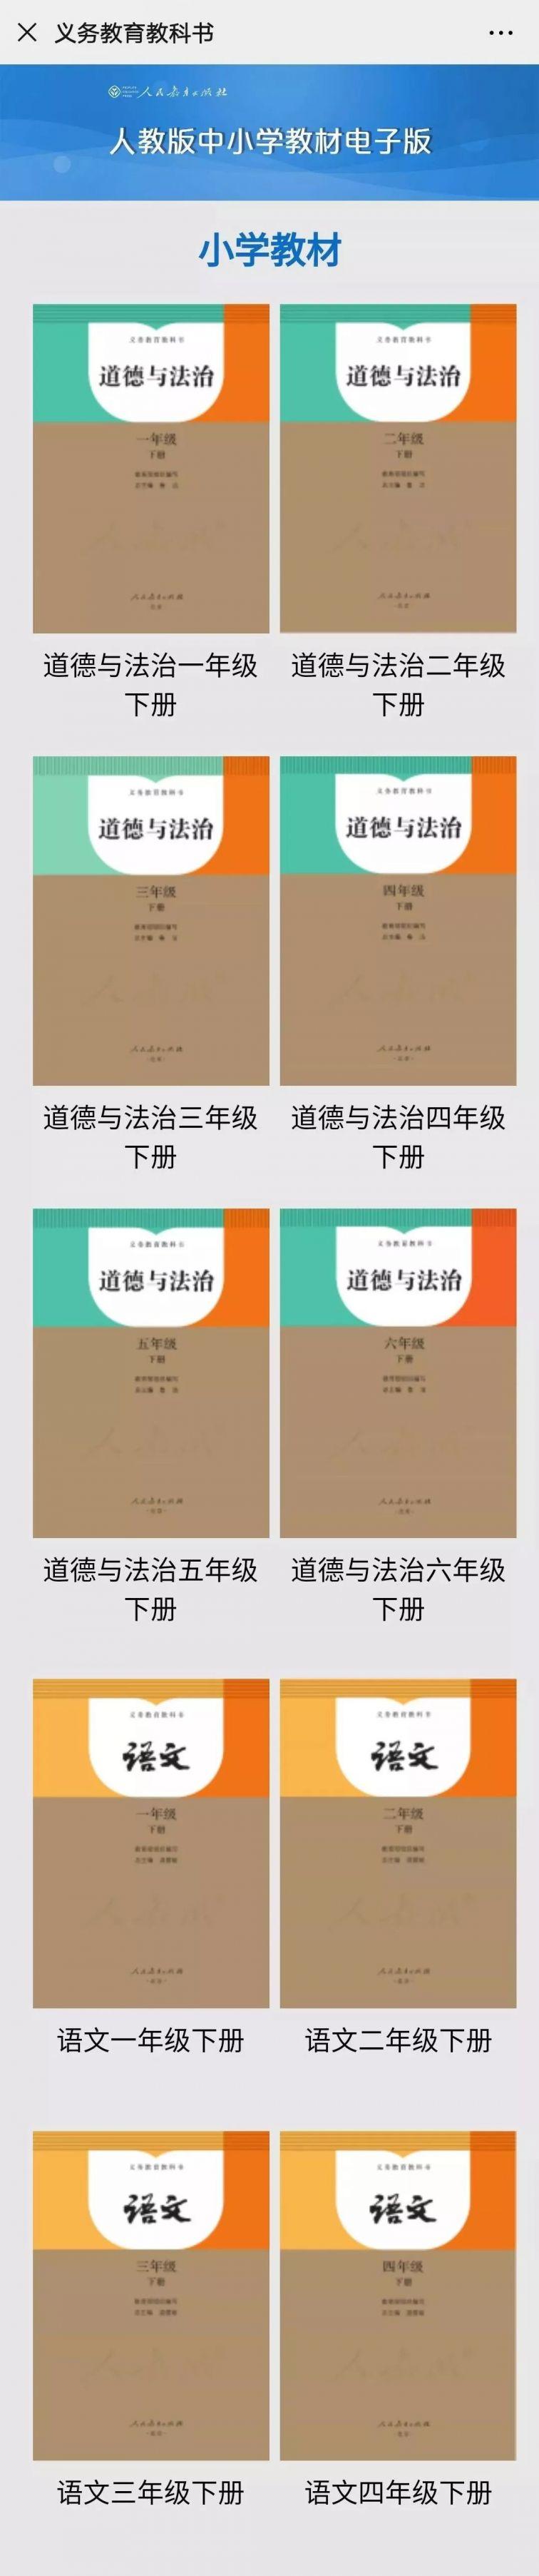 重庆中小学春季统编教材及人教版教材电子版下载(小学、初中、高中)